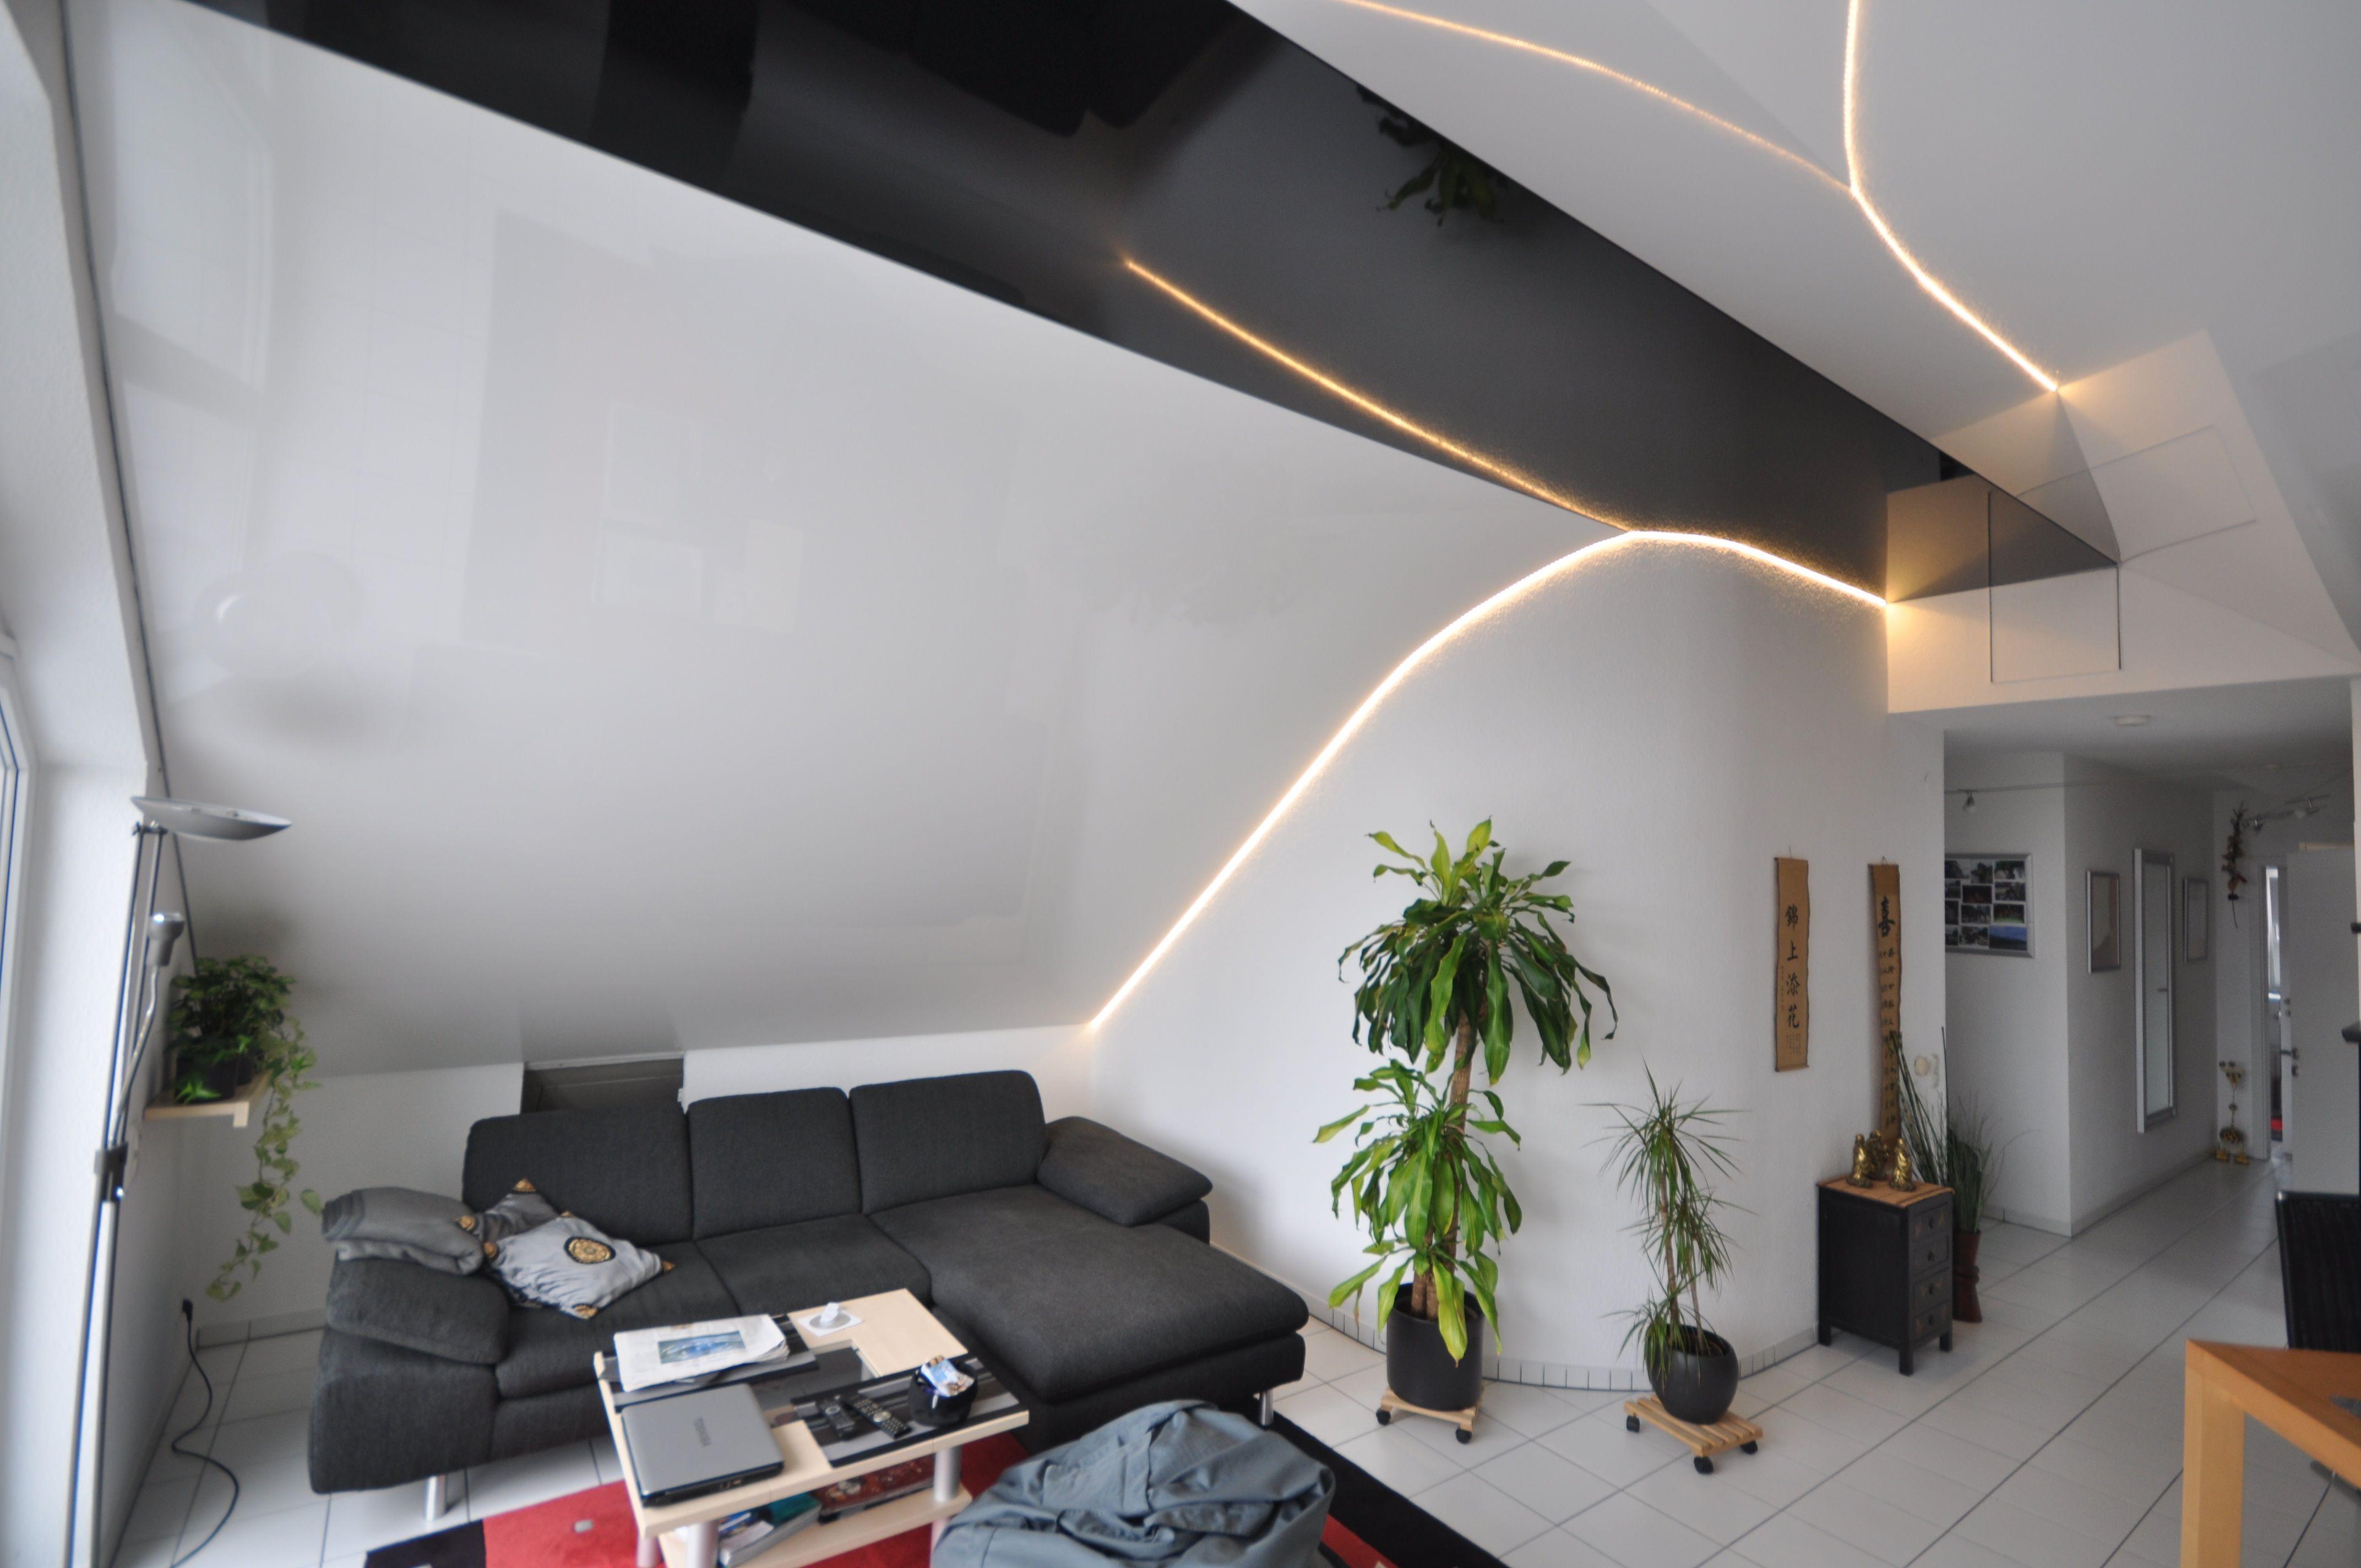 Spanndecke Weiß Und Schwarz Hochglanz In Einem Wohnzimmer